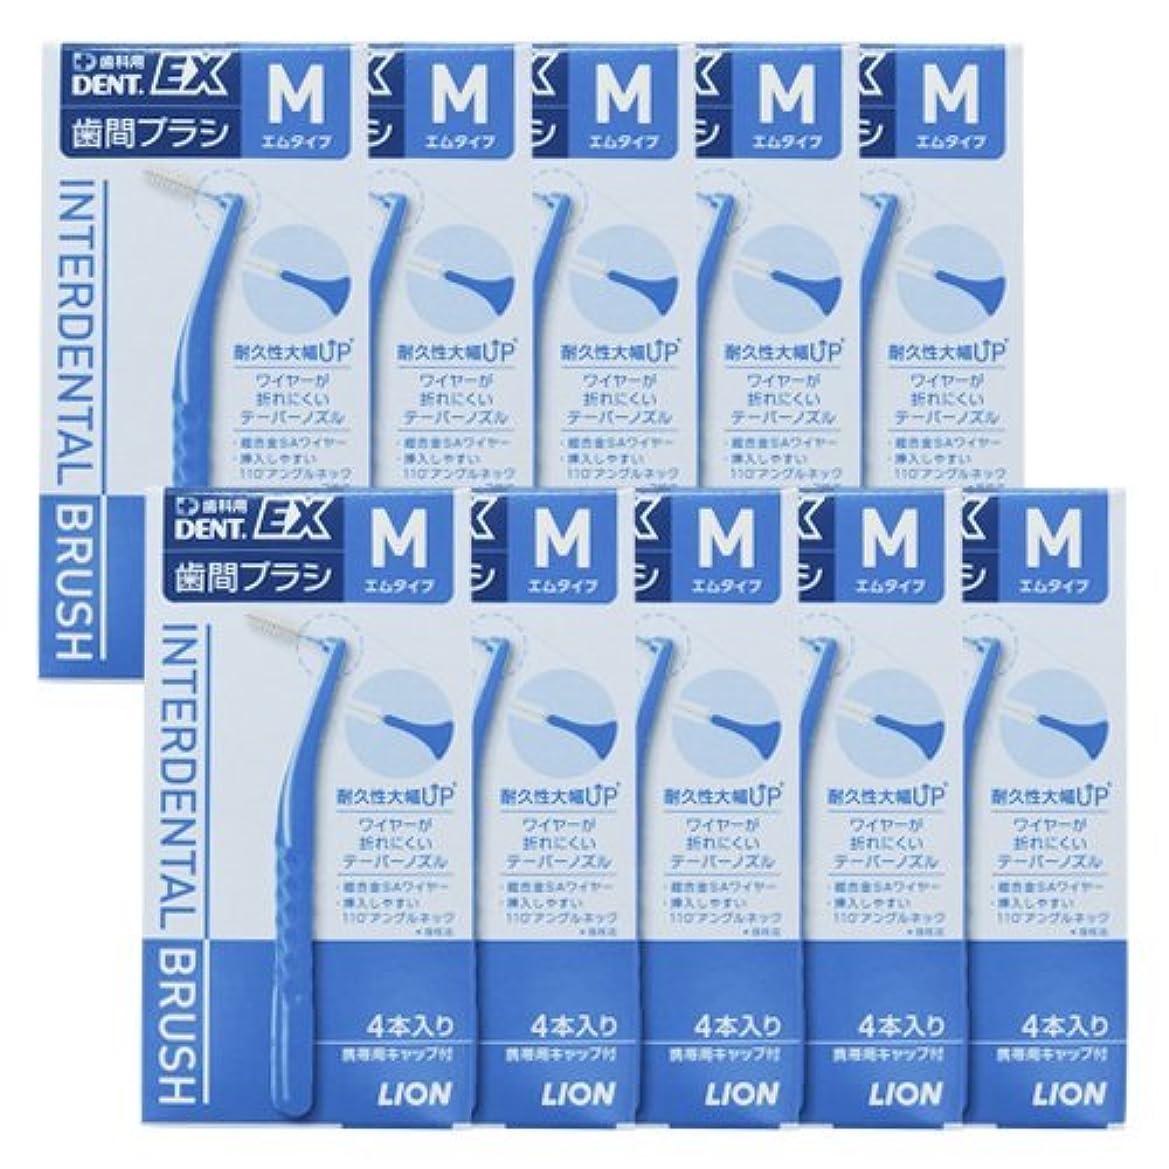 買収永遠にお客様ライオン(LION) デント EX 歯間ブラシ M (LION DENT. EX 歯間ブラシ) 10箱 40本セット